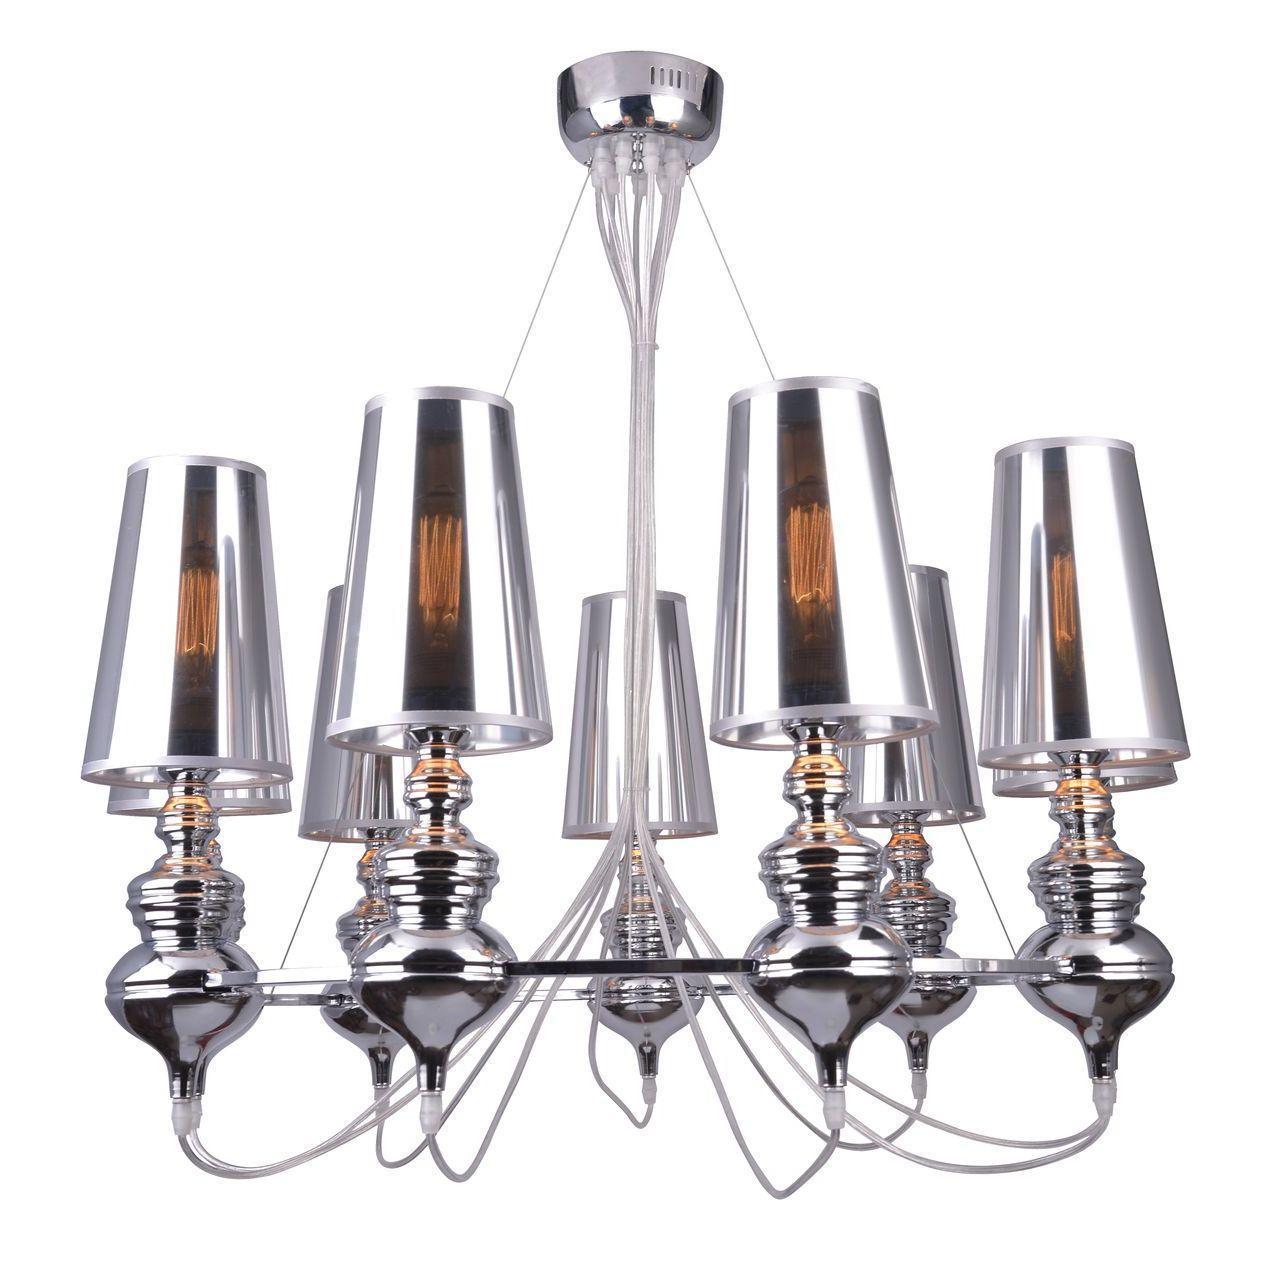 Подвесная люстра Arte Lamp Anna Maria A4280LM-9CC arte lamp подвесная люстра arte lamp anna maria a4280lm 6cc